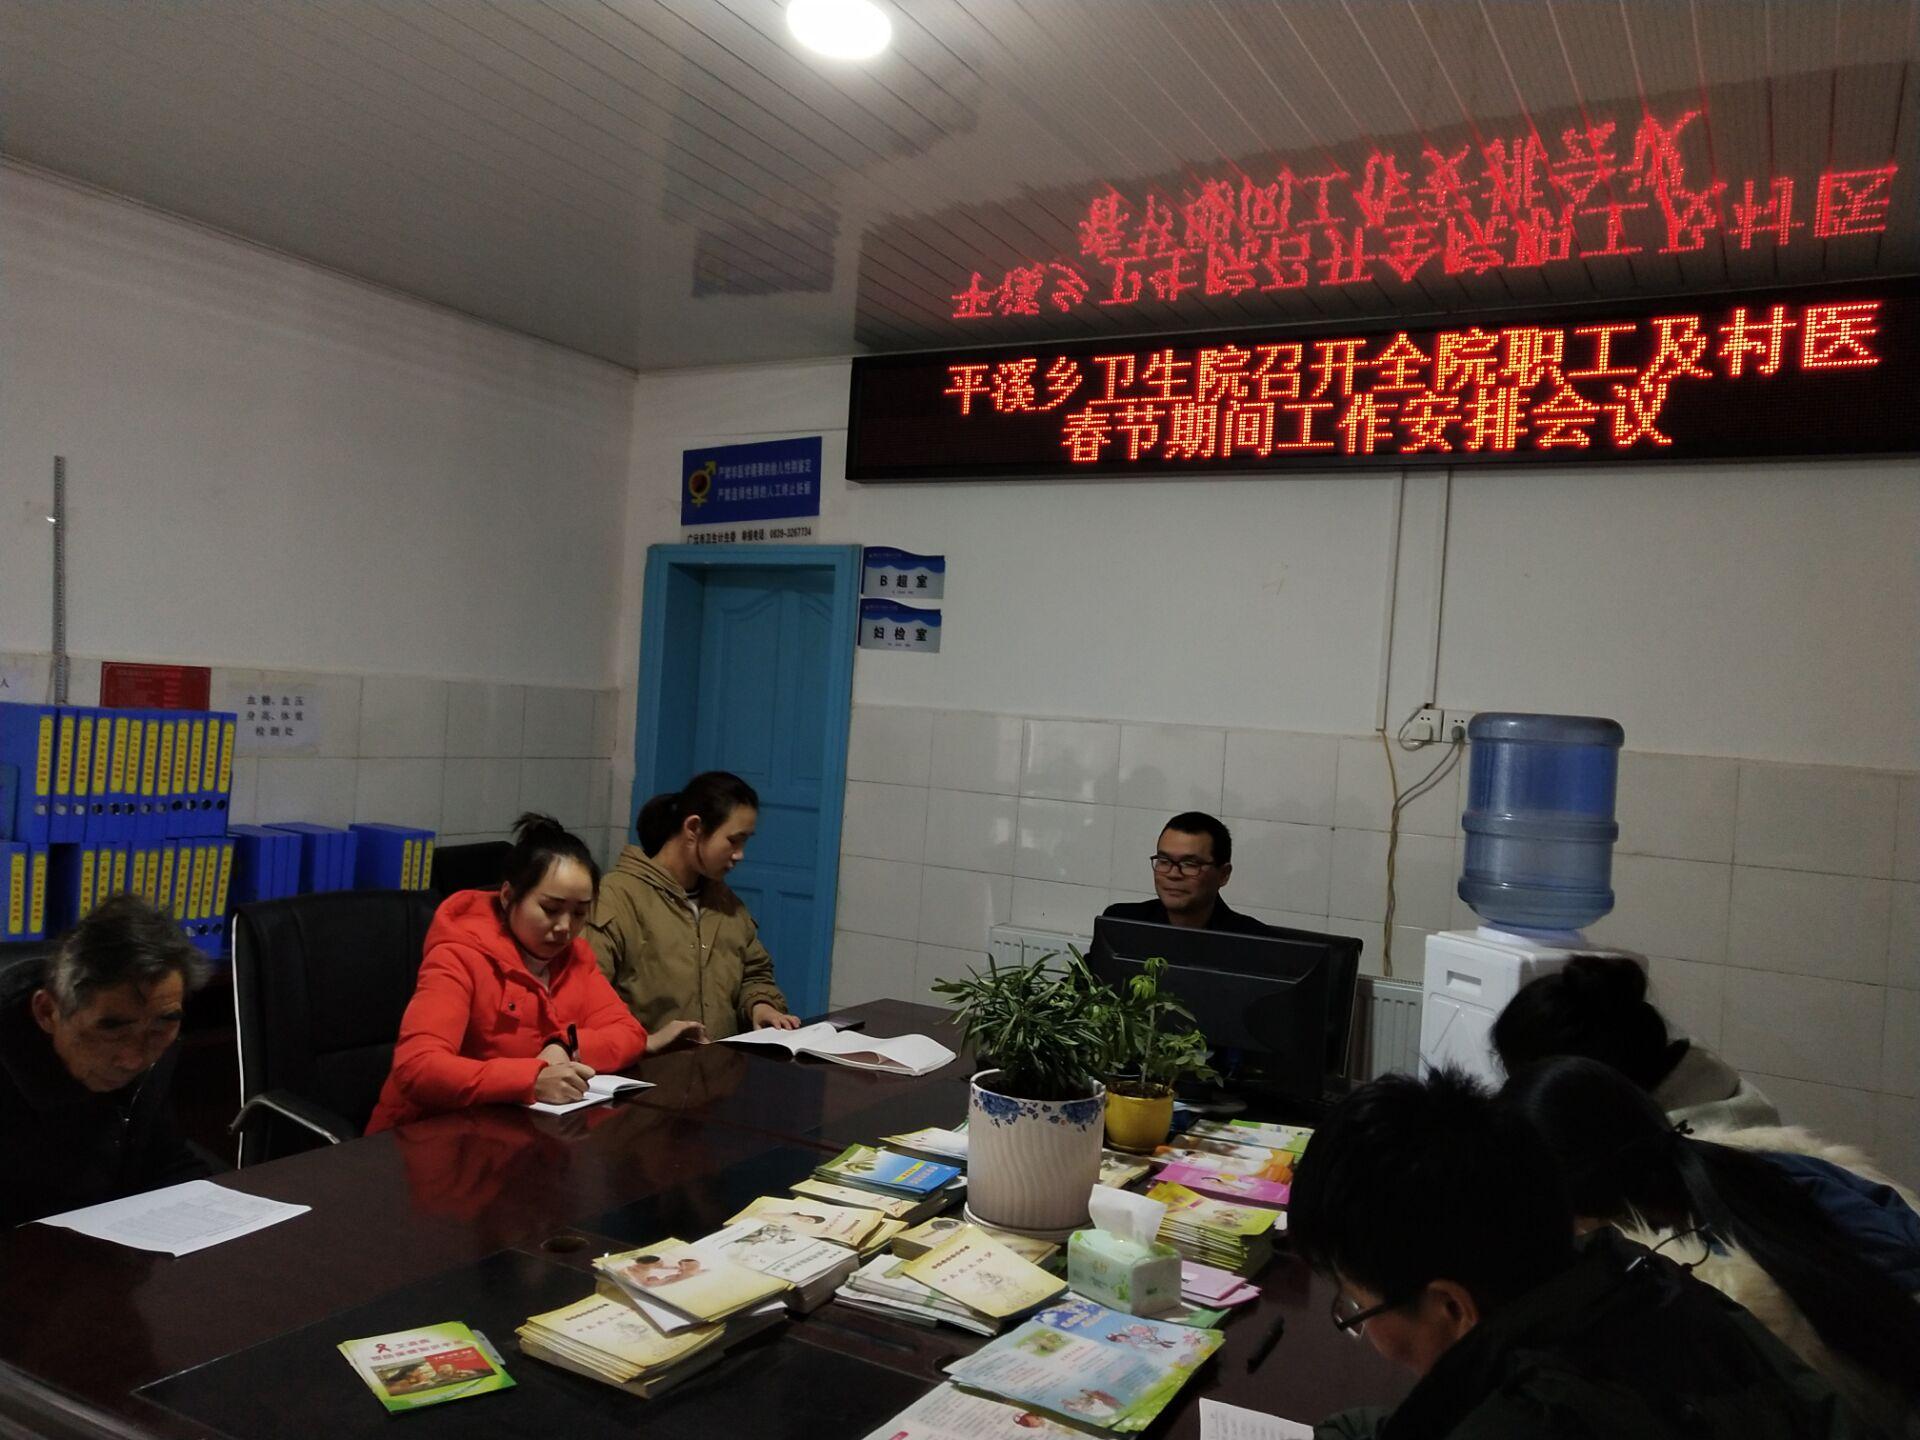 朝天平溪乡卫生院召开春节期间工作安排会议